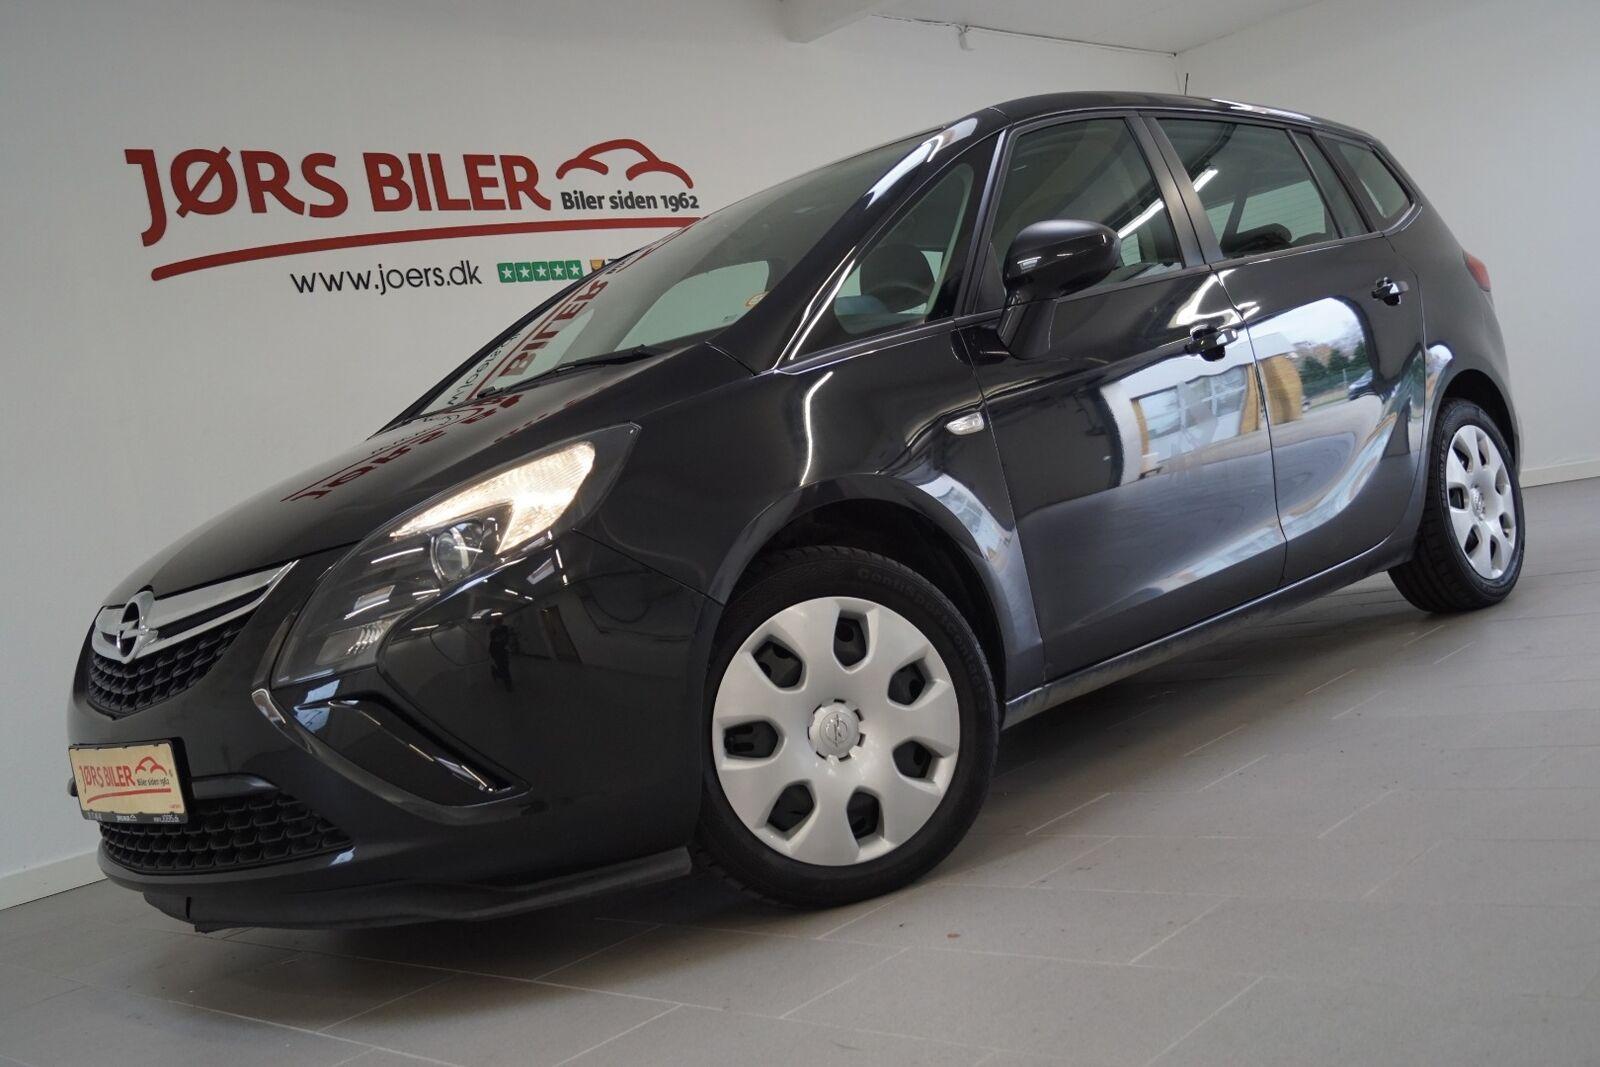 Opel Zafira Tourer 2,0 CDTi 110 Limited 5d - 149.800 kr.